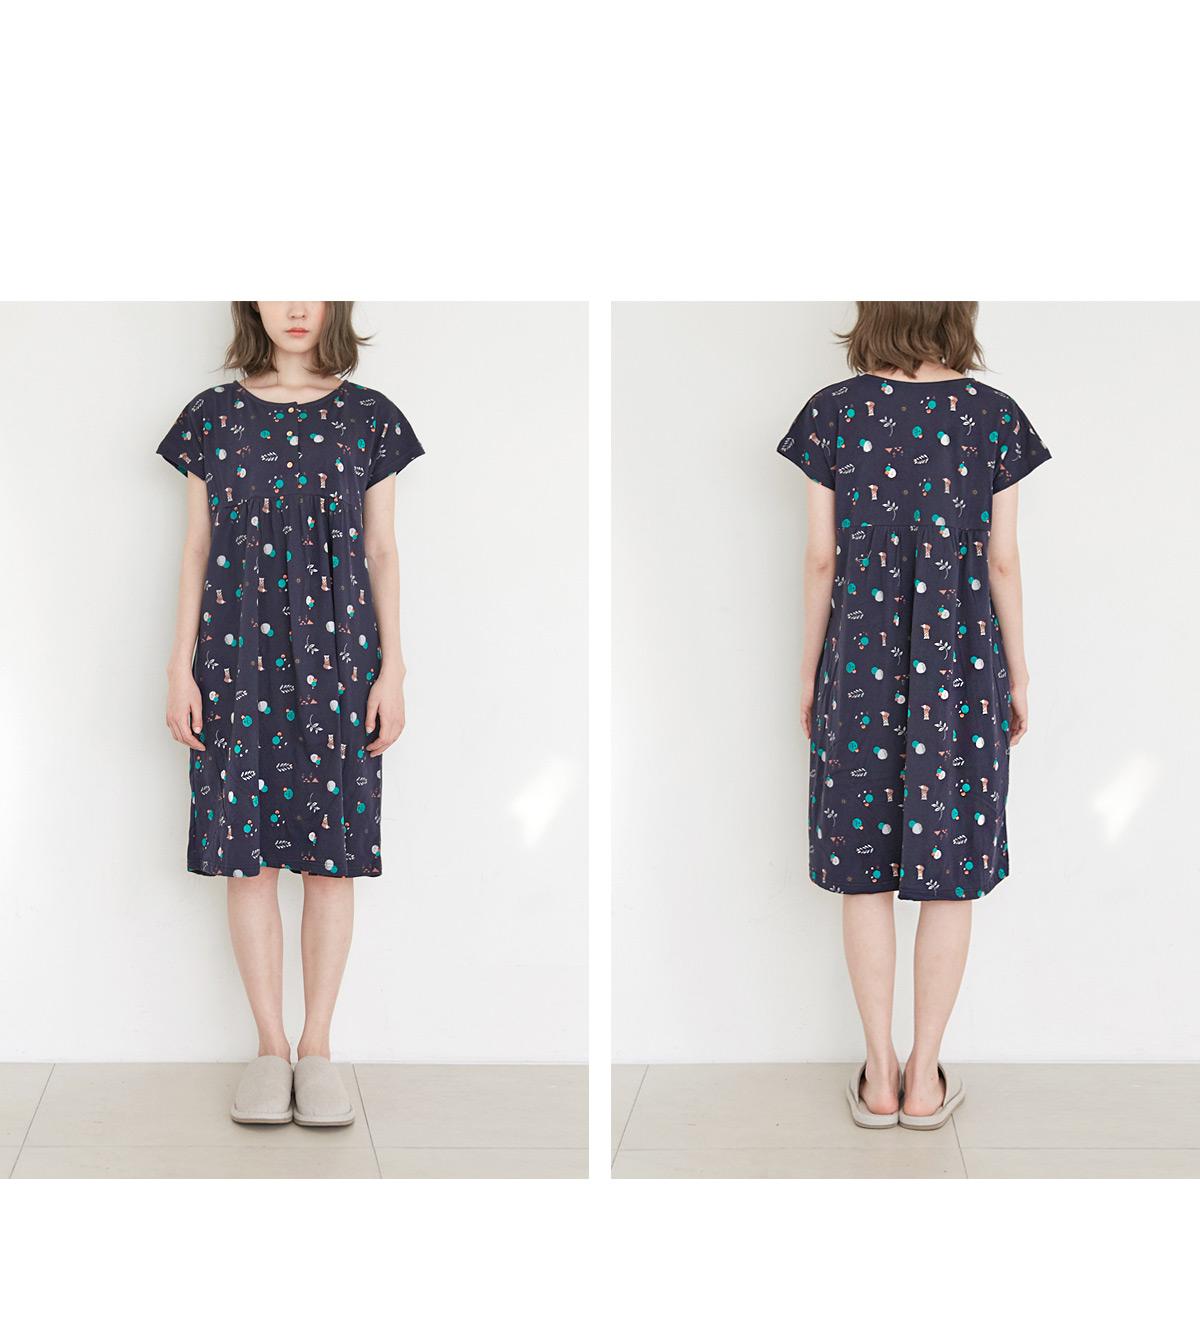 [여성홈웨어] 코니 순면 여름 원피스잠옷 - 바이메이비, 41,000원, 잠옷, 원피스잠옷